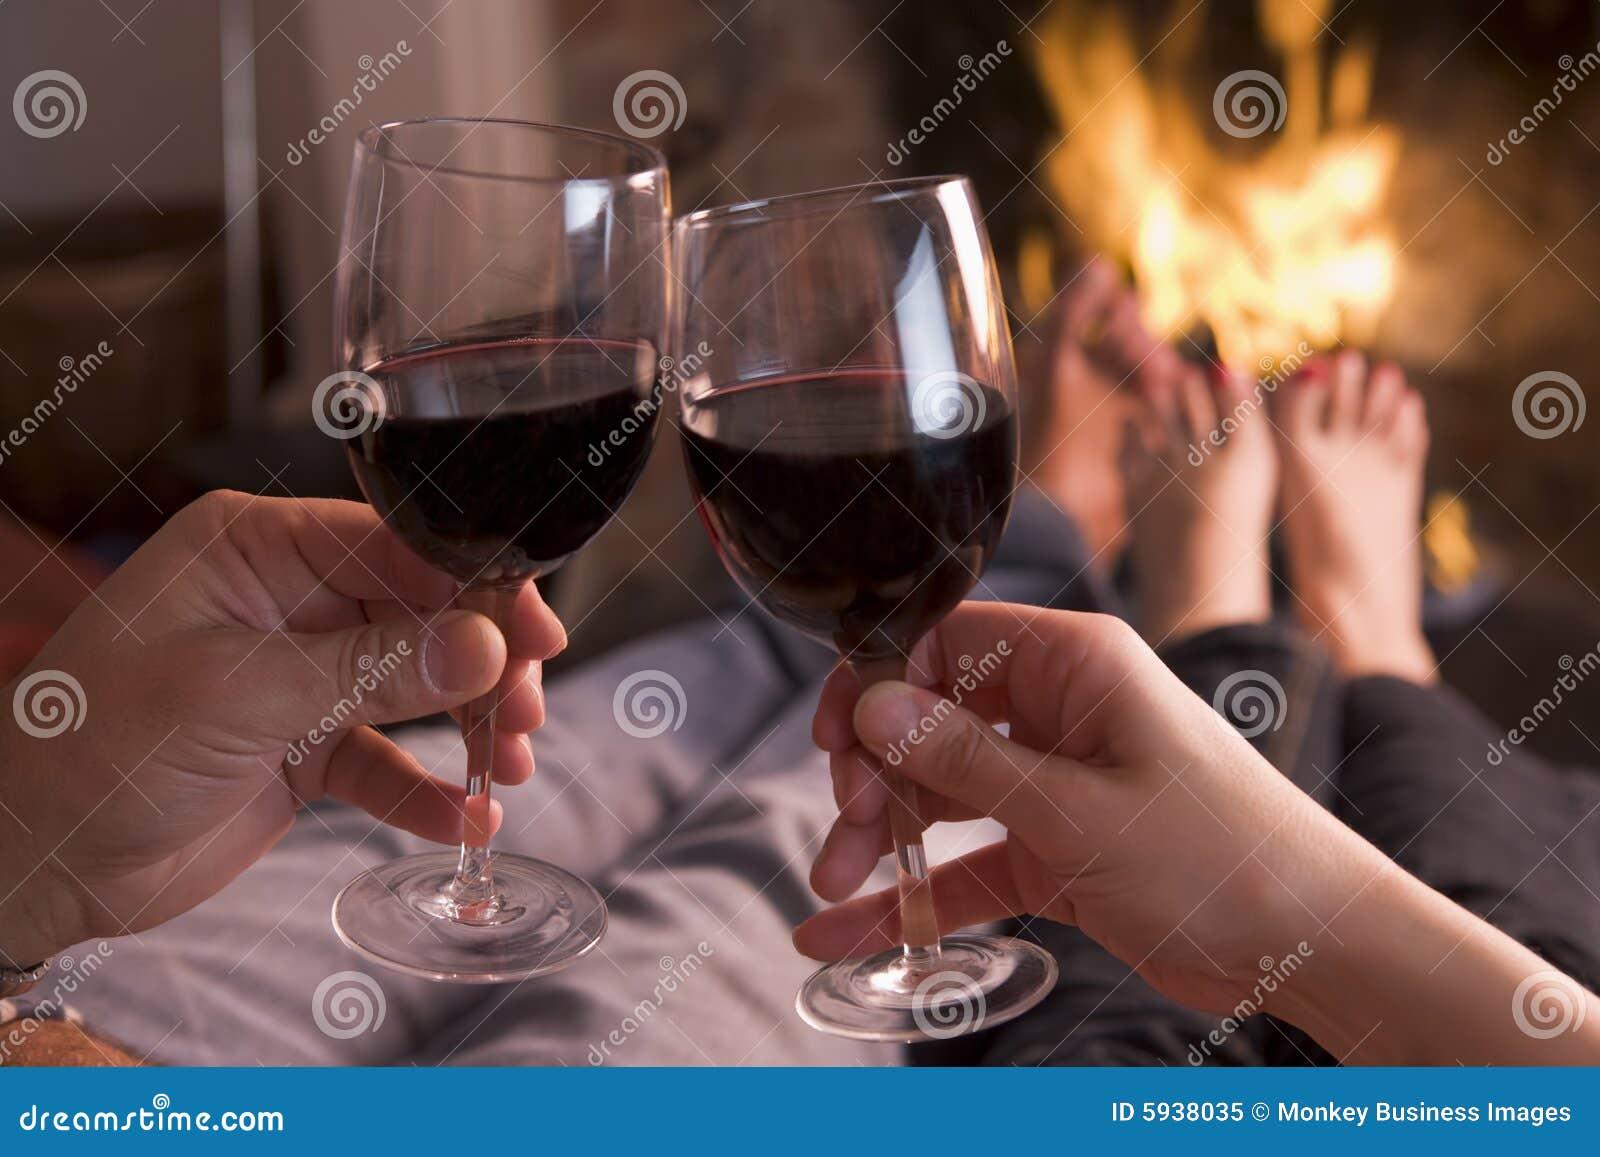 Pieds réchauffant à la cheminée avec des mains retenant le vin